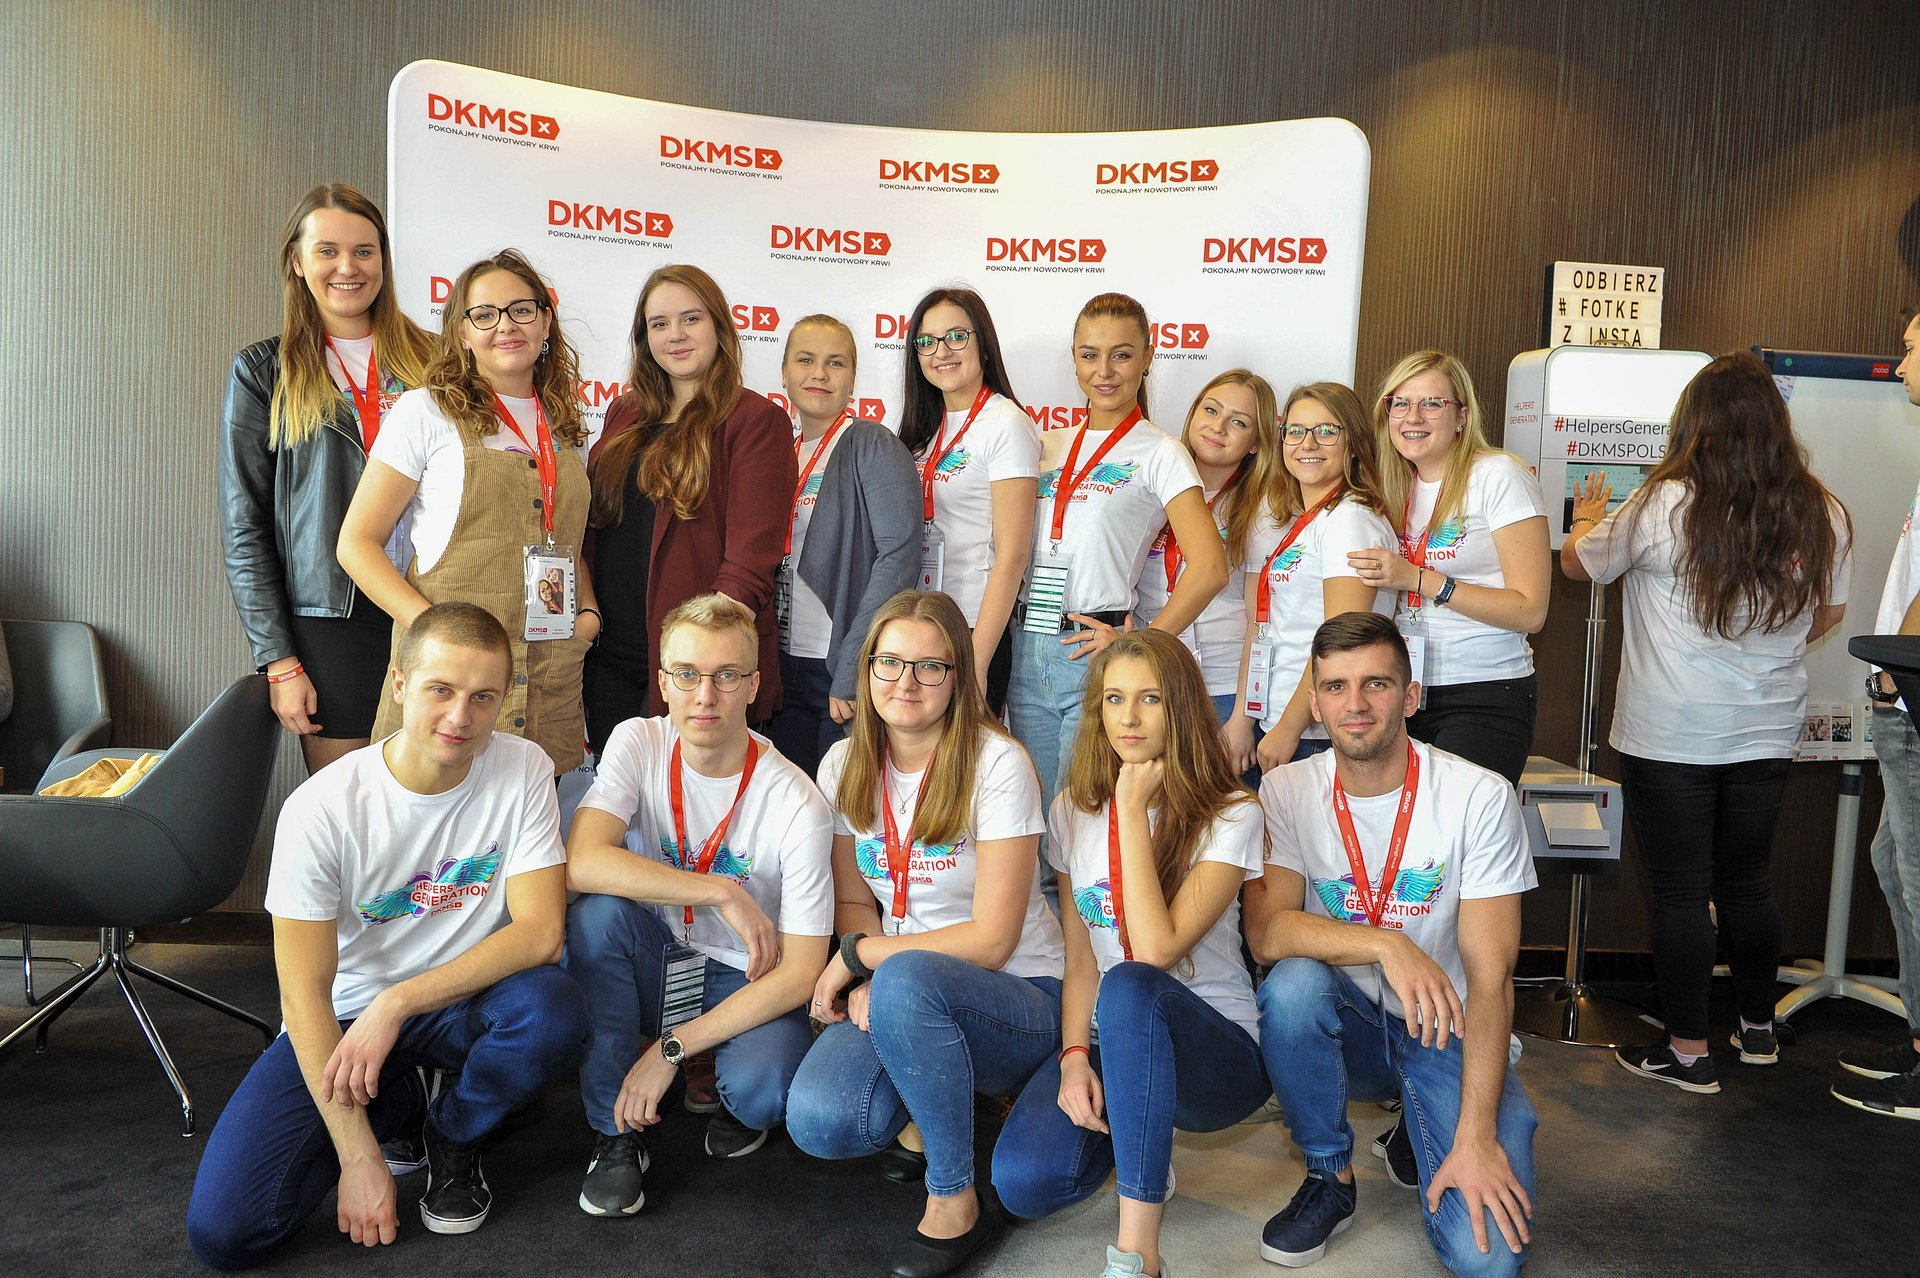 Lubelscy studenci połączą siły, żeby pomóc chorym na nowotwory krwi. Rusza XII edycja akcji HELPERS' GENERATION